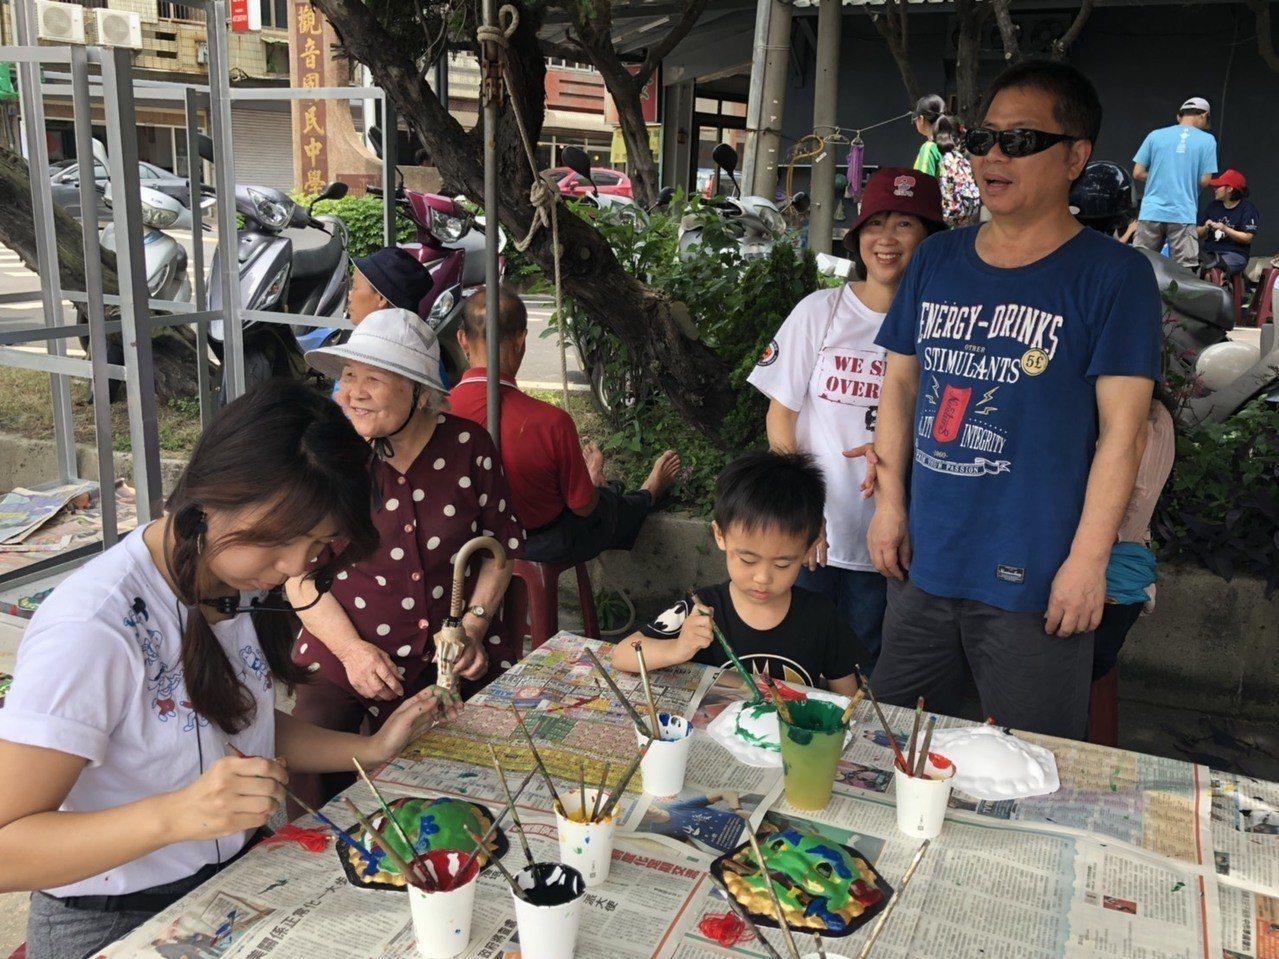 2019石觀音文化節舉辦寫生比賽,許多民眾親子參加一起畫觀音,畫出觀音客庄風情。...